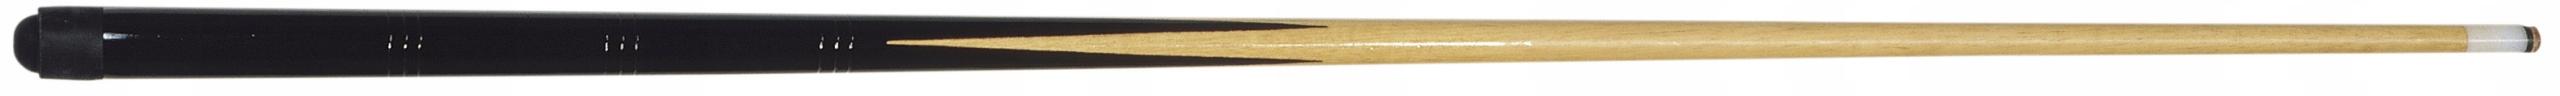 KIJ BILARDOWY 1 CZĘŚĆ 146 cm KIJE DO DOMU BARU LOK